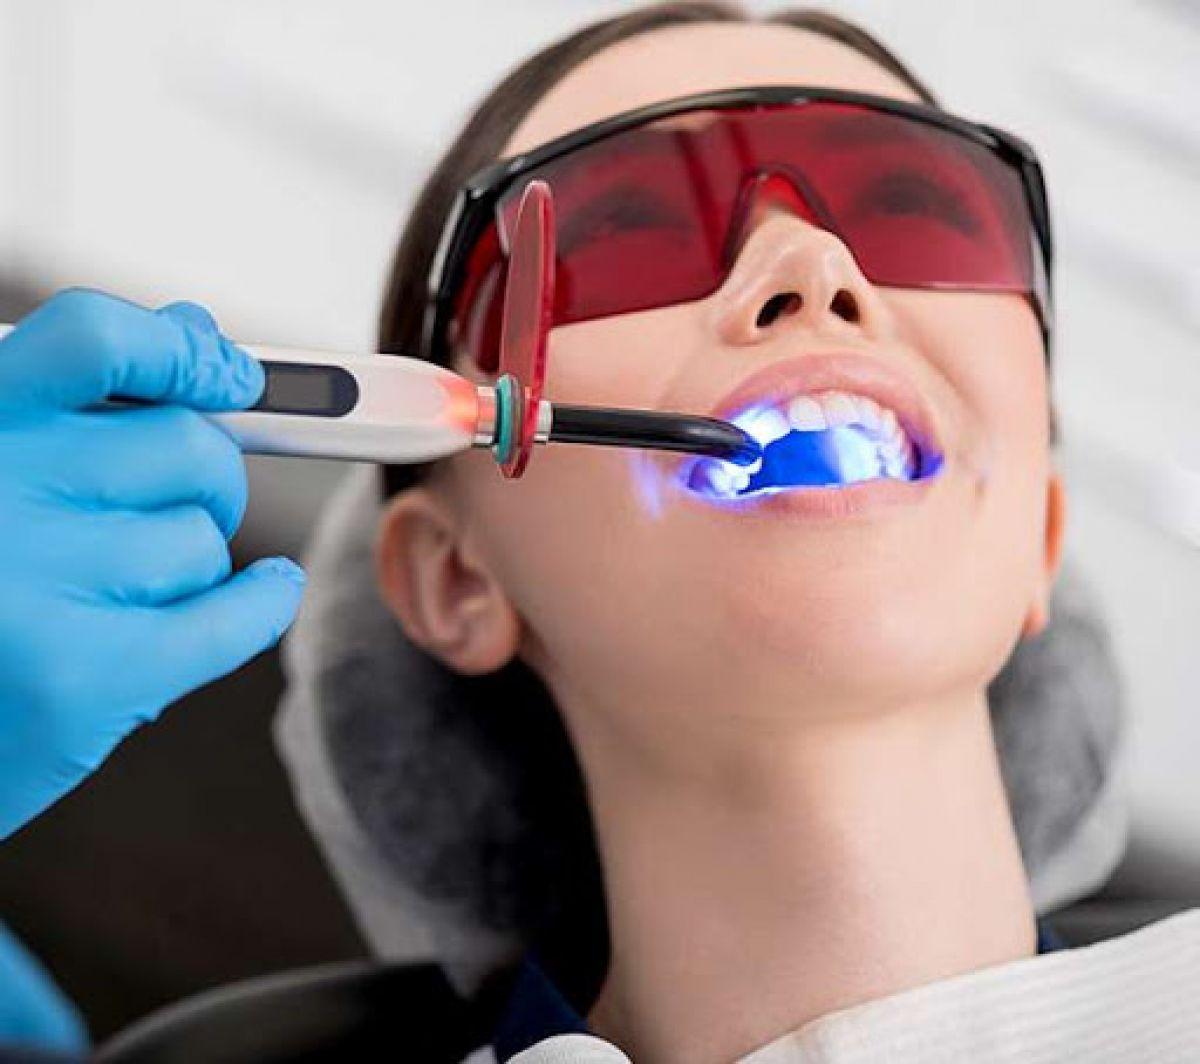 Blanchiment dentaire Professionnel à Barberaz (73) Par Caroline - Estheca